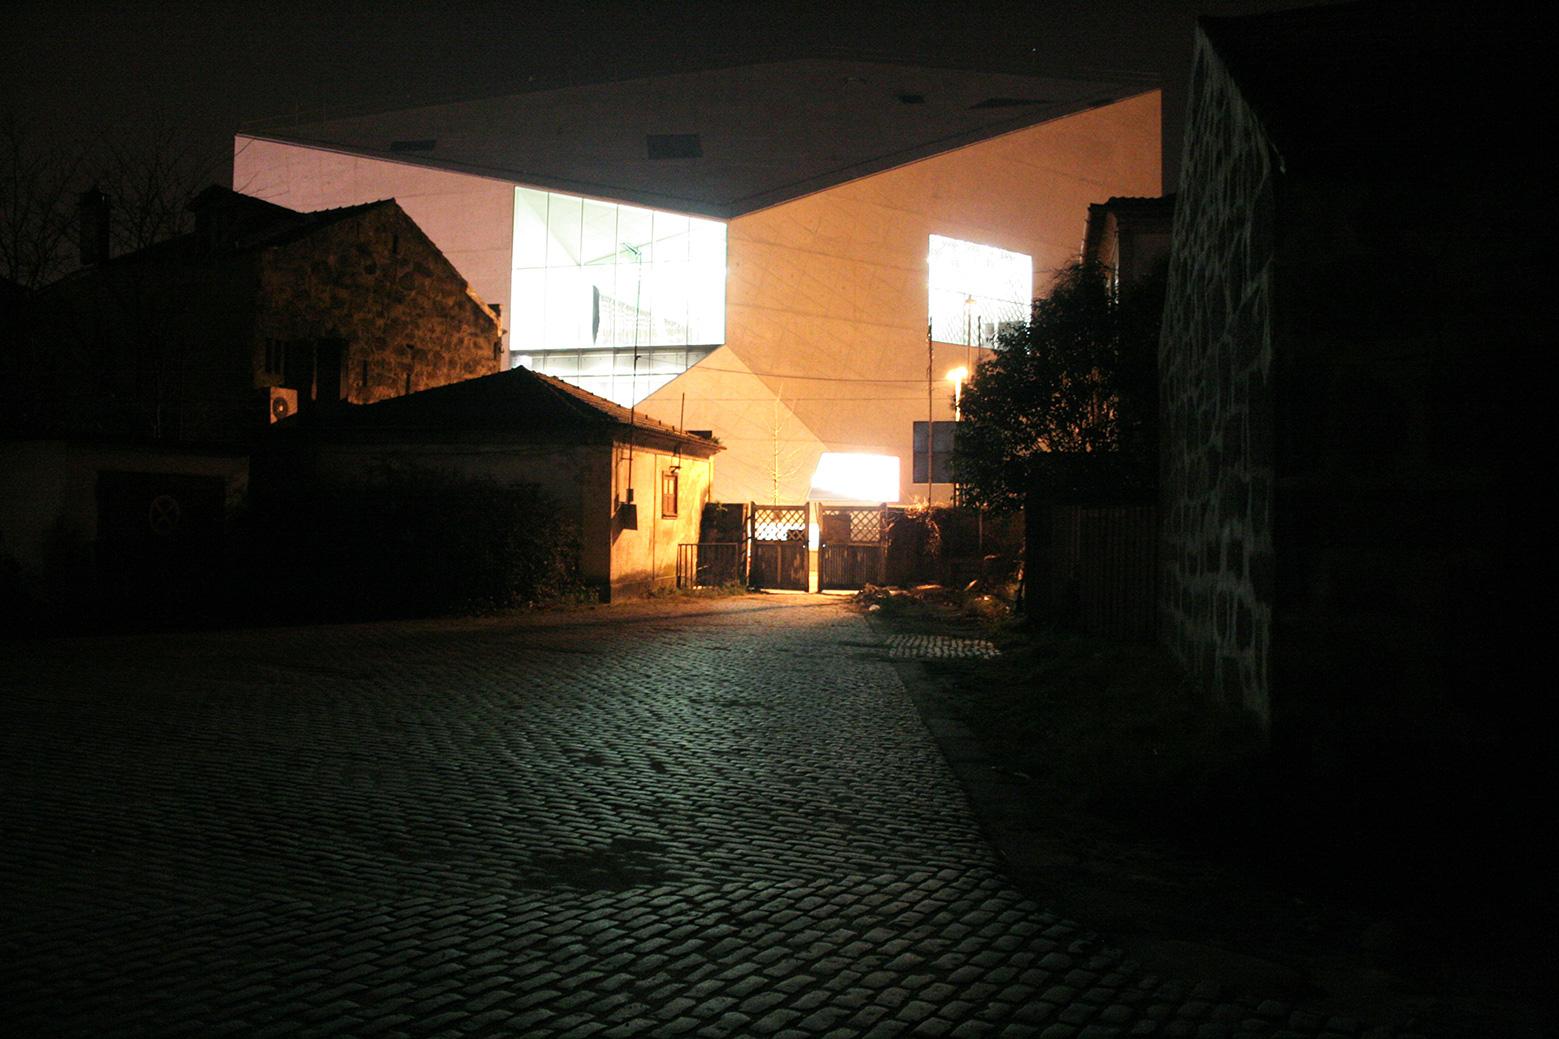 Casa da Musica / OMA (25)